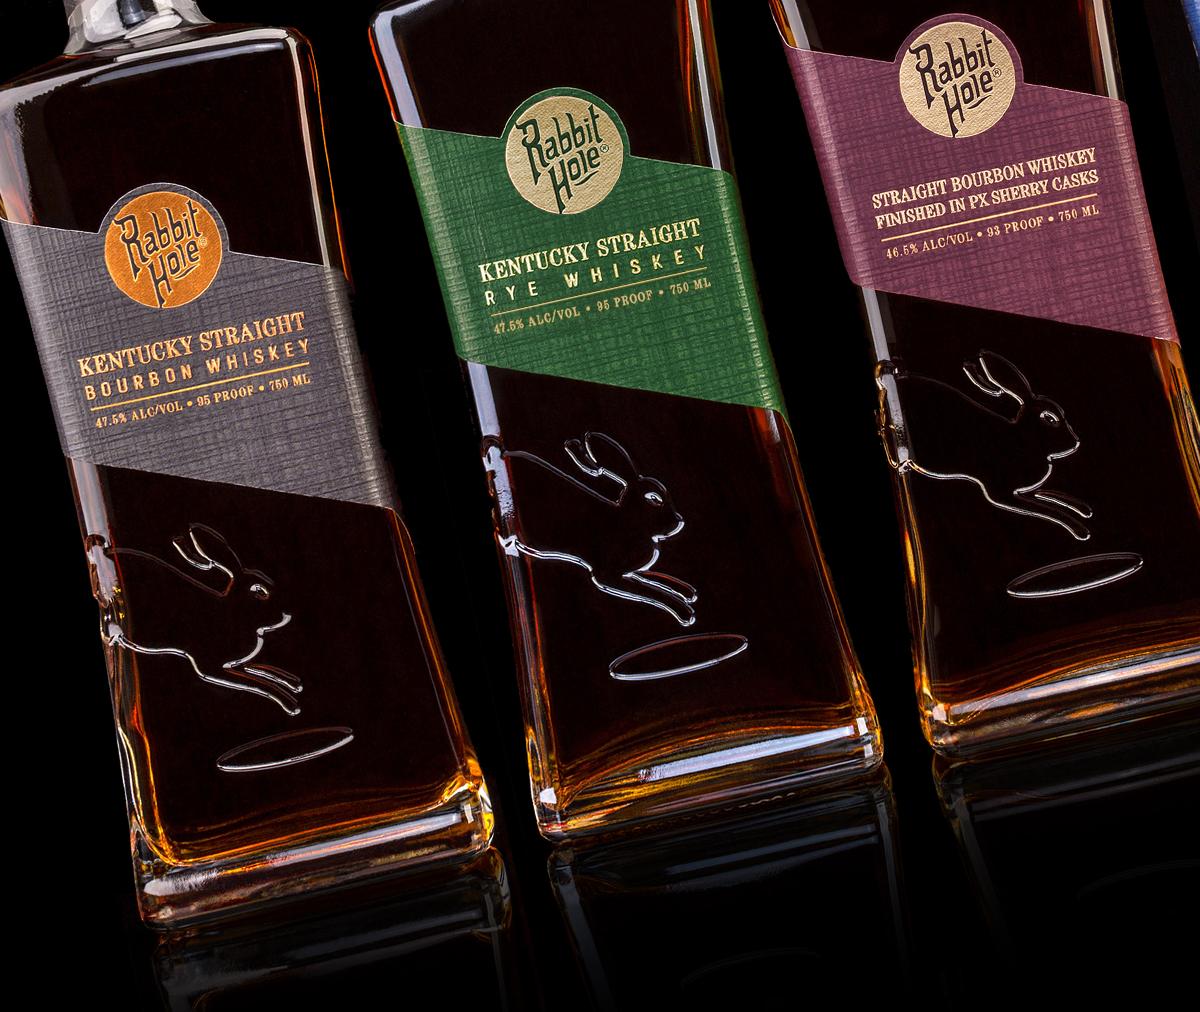 Rabbit Hole Whiskey bottles. Image courtesy Rabbit Hole Distillery.